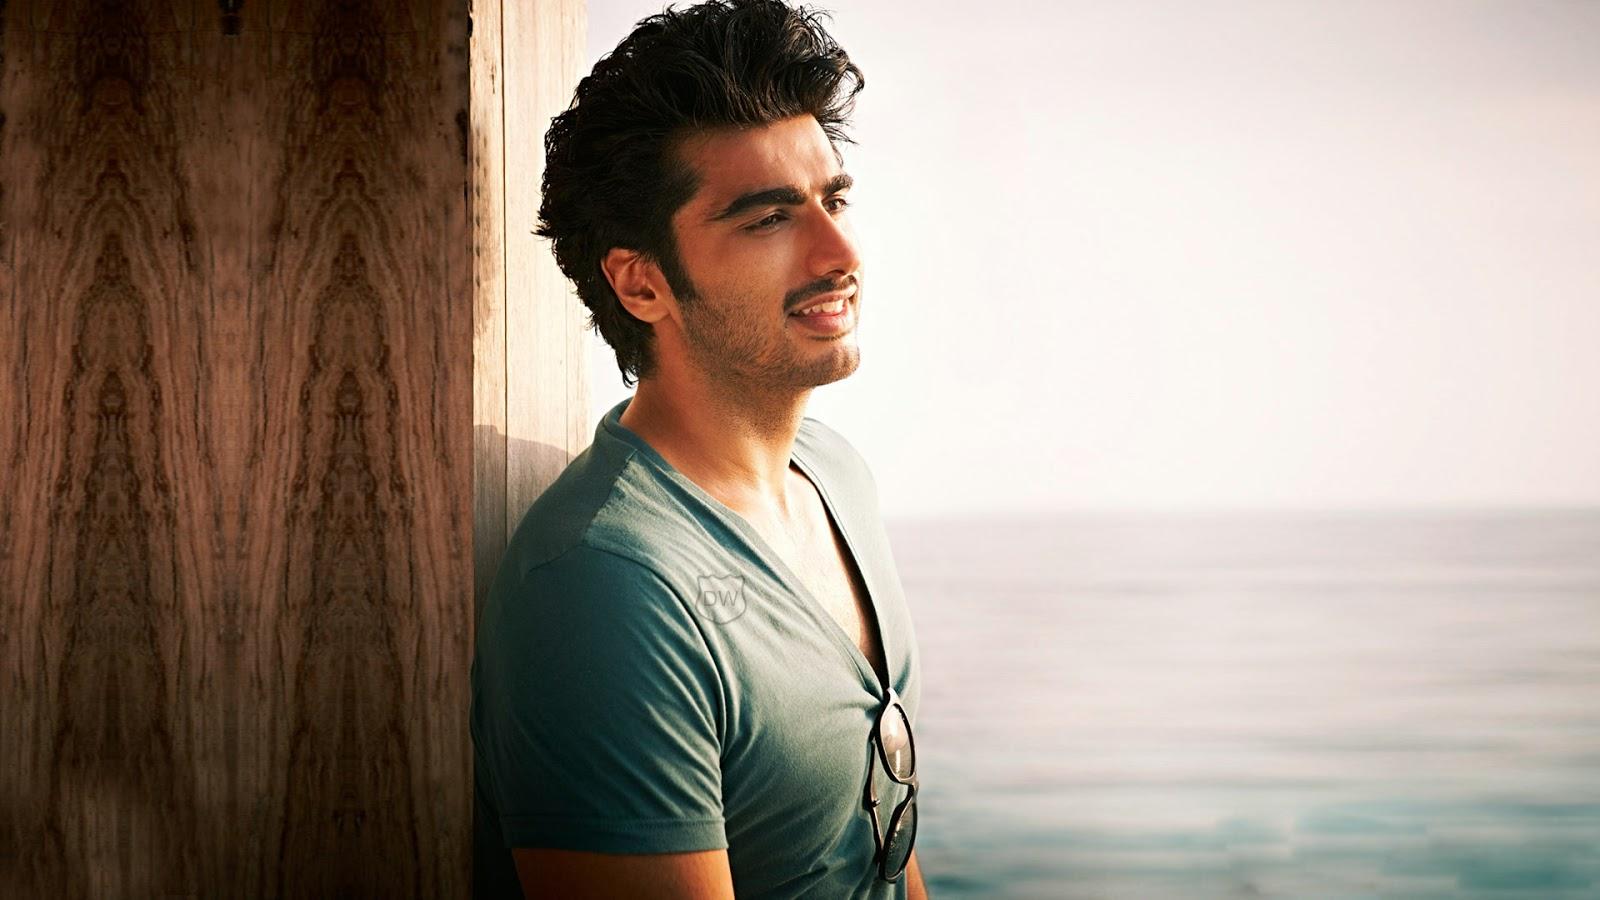 Photos of Arjun Kapoor